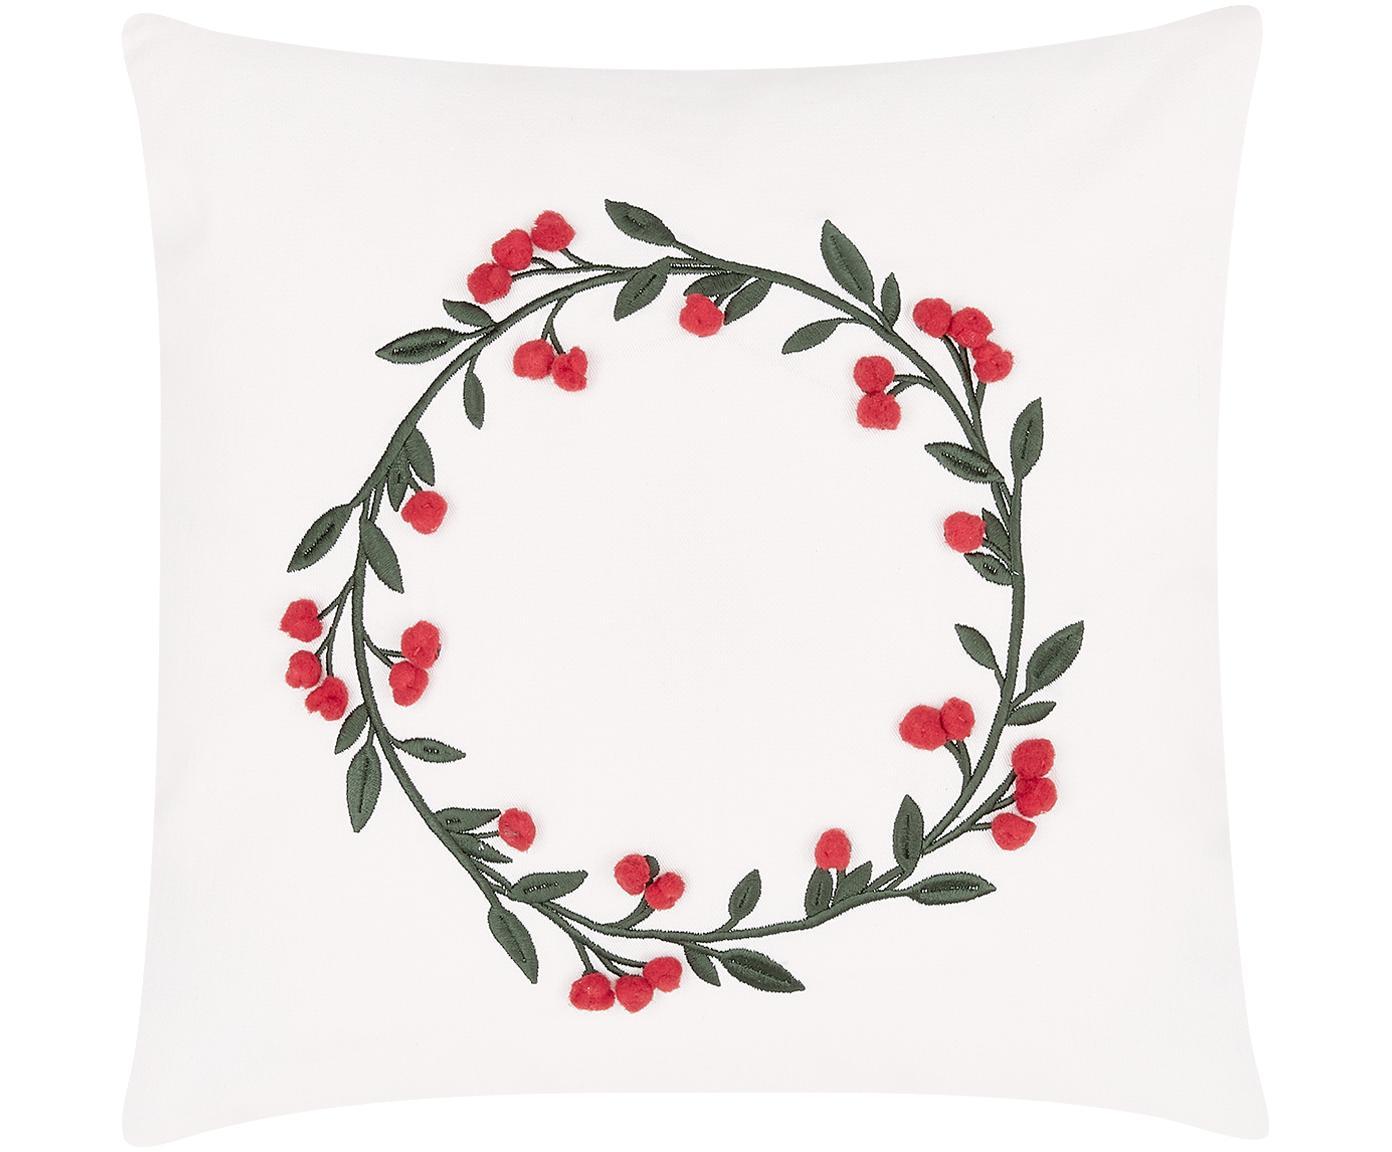 Bestickte Samt-Kissenhülle Christmas Wreath, Cremeweiss, 40 x 40 cm